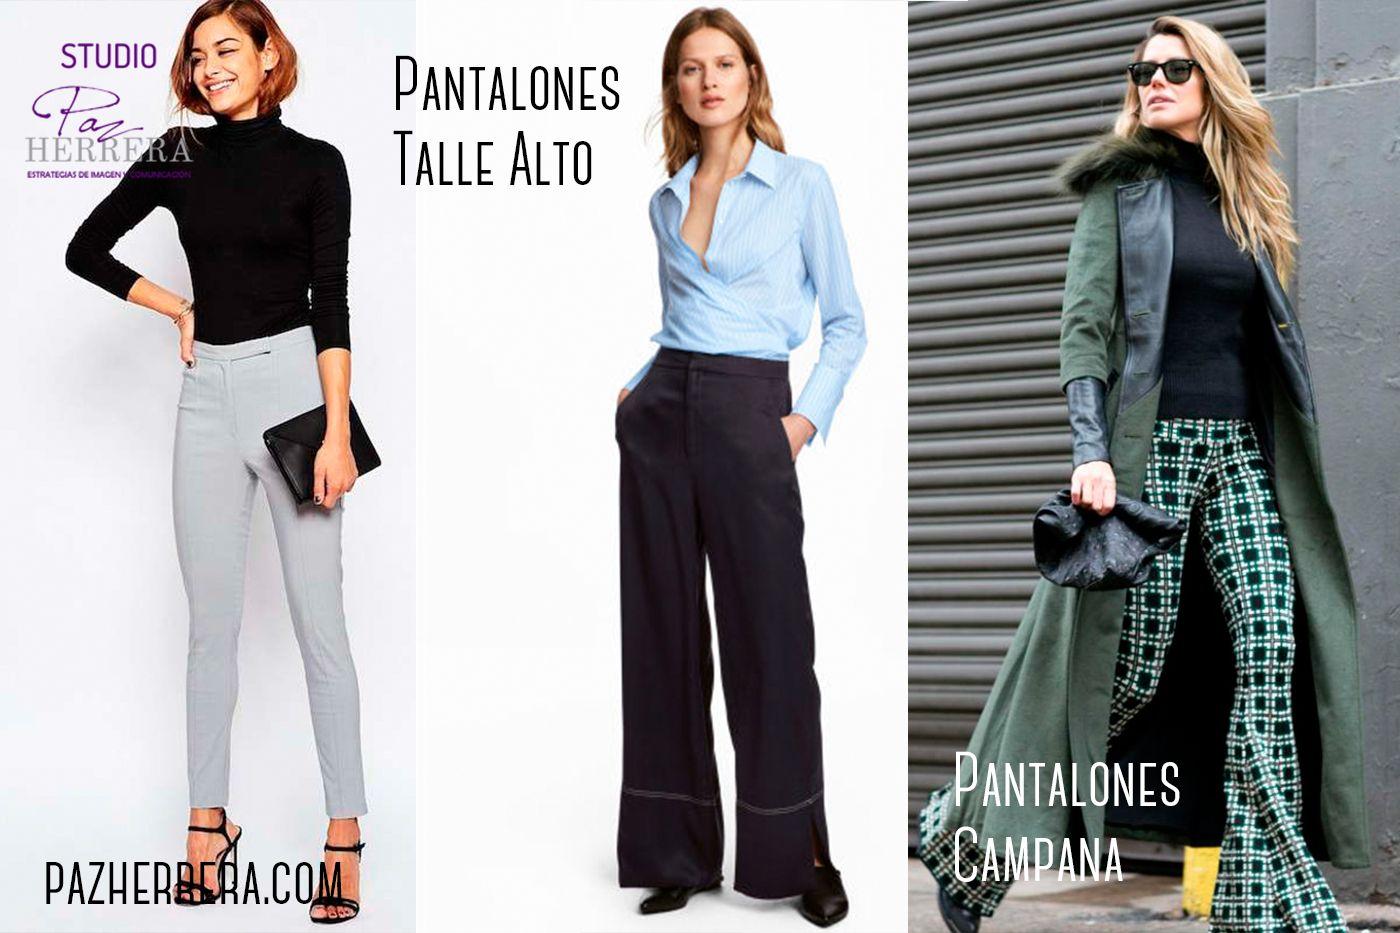 Fotografia Pantalones Talle Alto y Pantalones Campana Invierno 2017